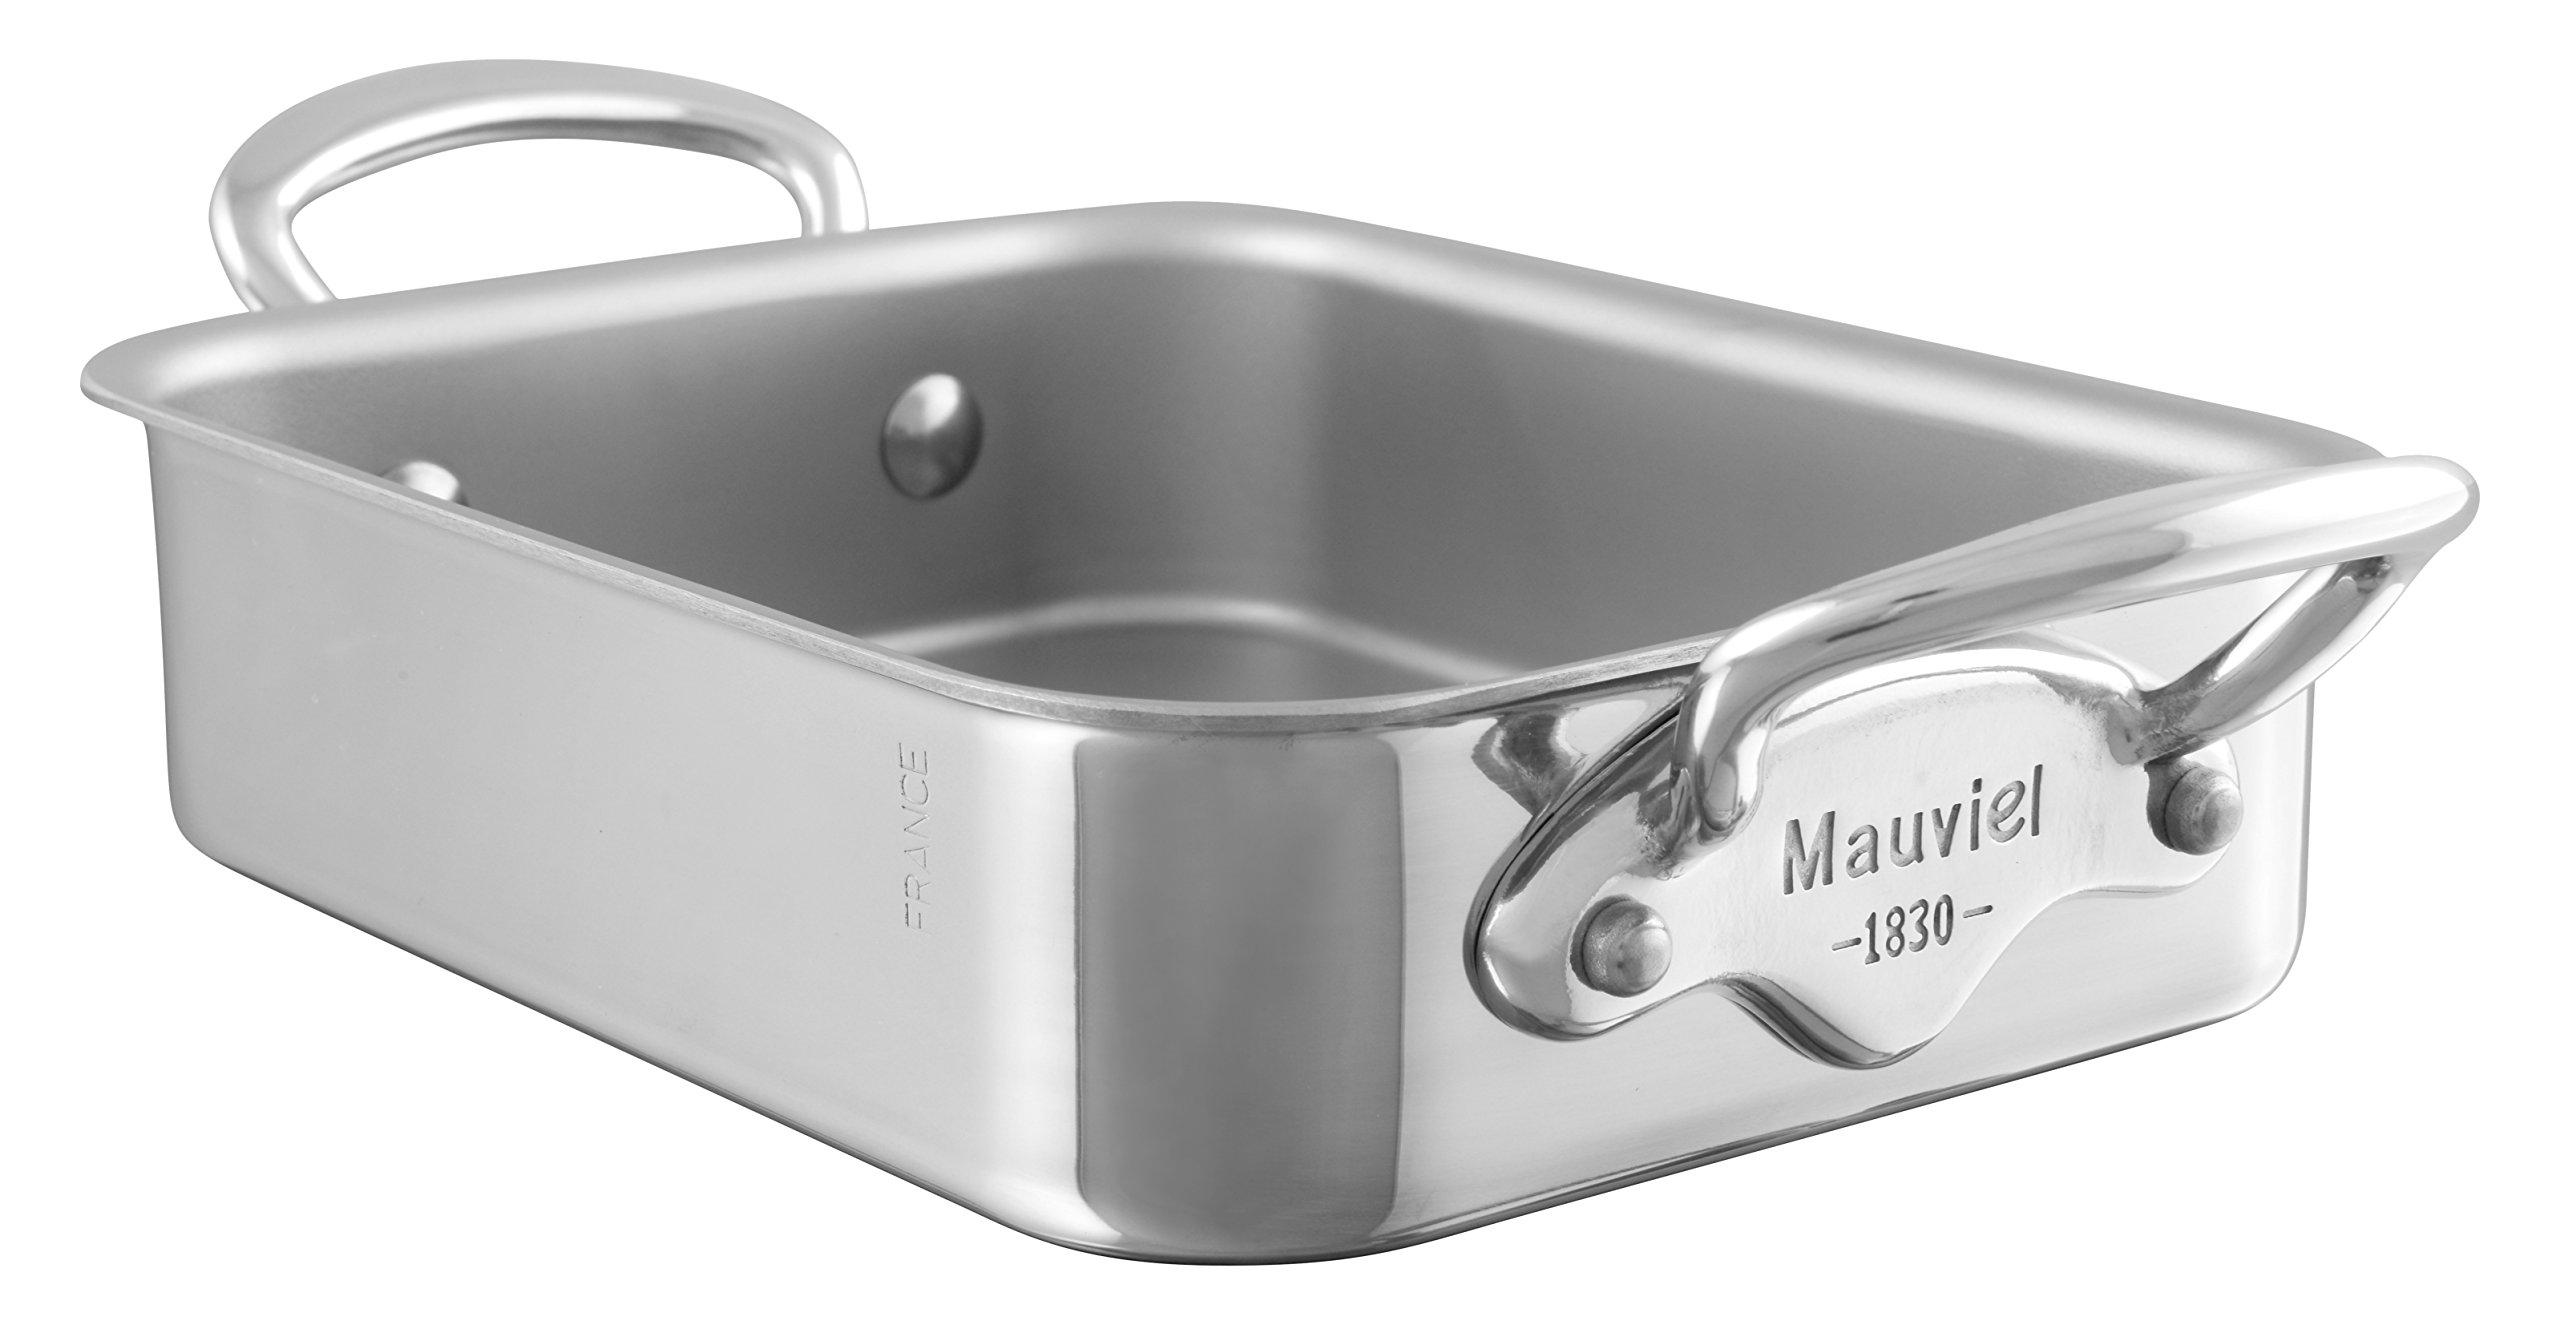 Mauviel M'Mini - SS Rectangular roasting pan - 5.5 x 3.9 x 1.8